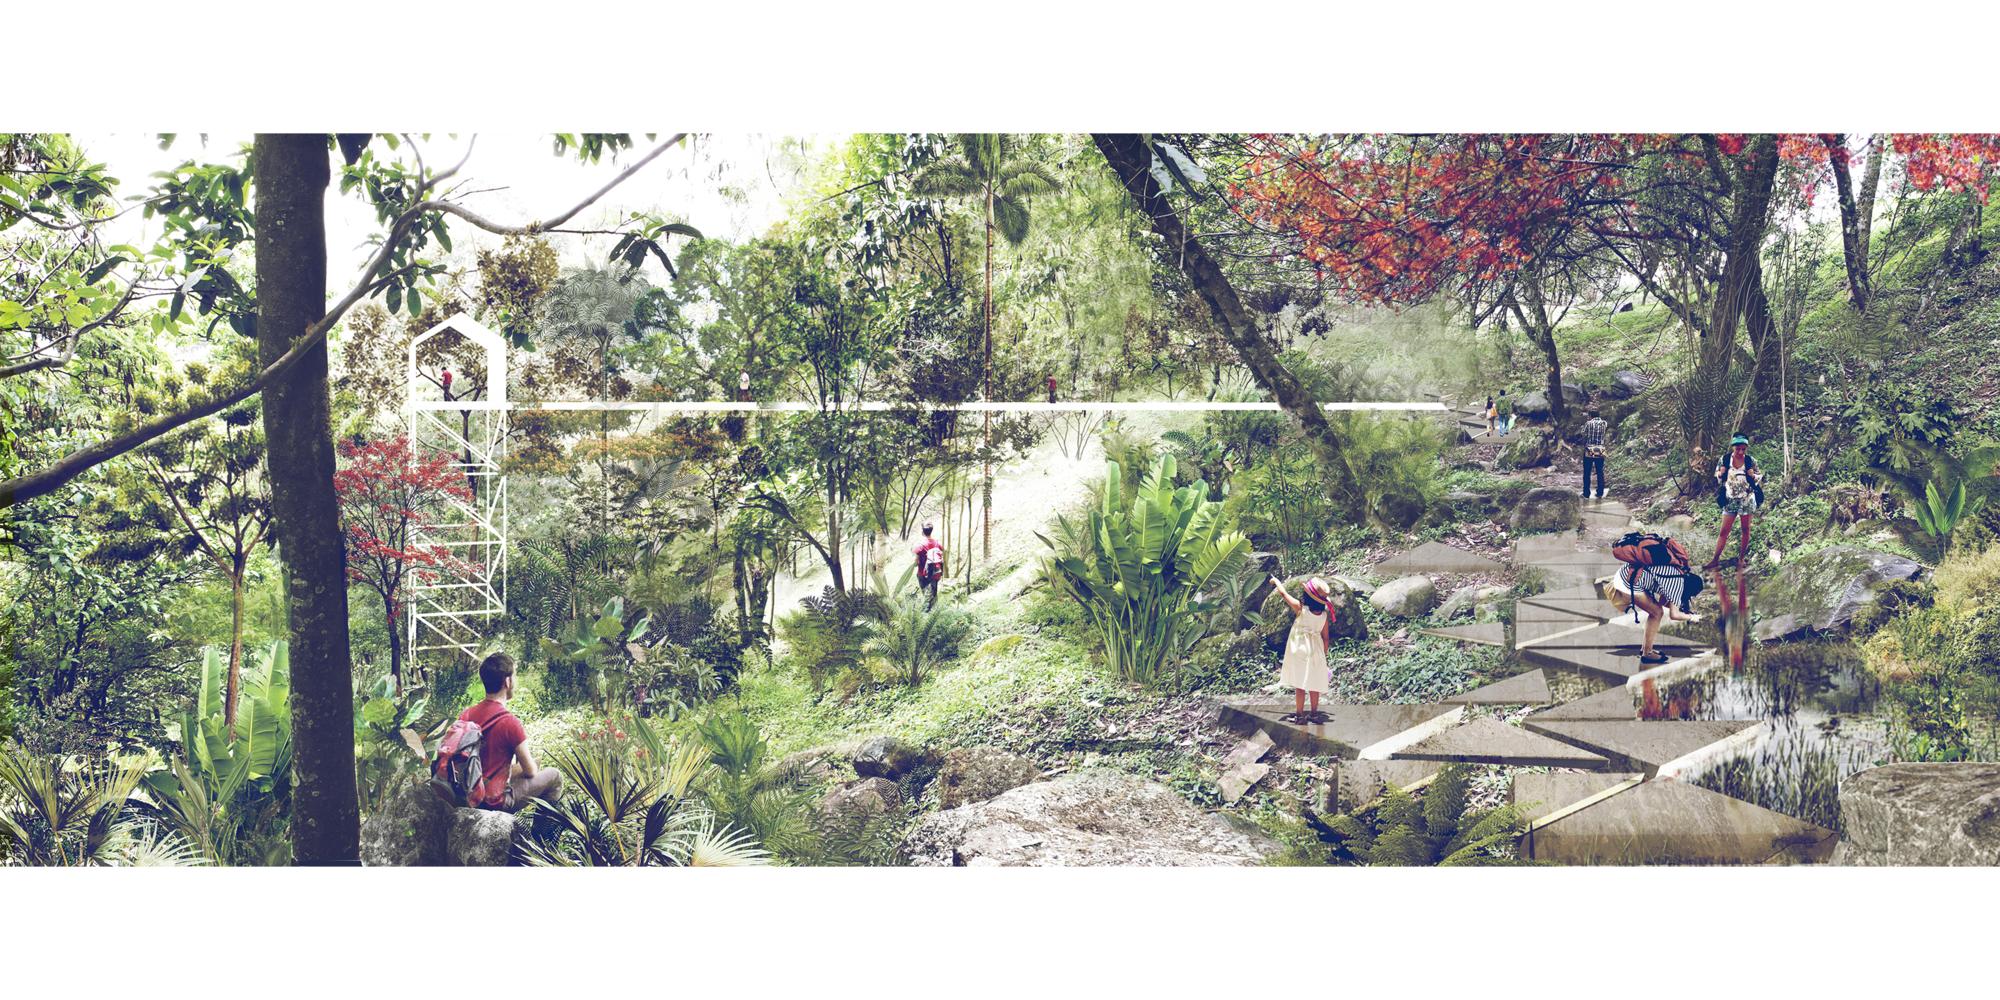 L-A-P, primer lugar por plan maestro del cerro La Asomadera en proyecto que transformará Medellín, Parque. Image Cortesia de Equipo Primer Lugar